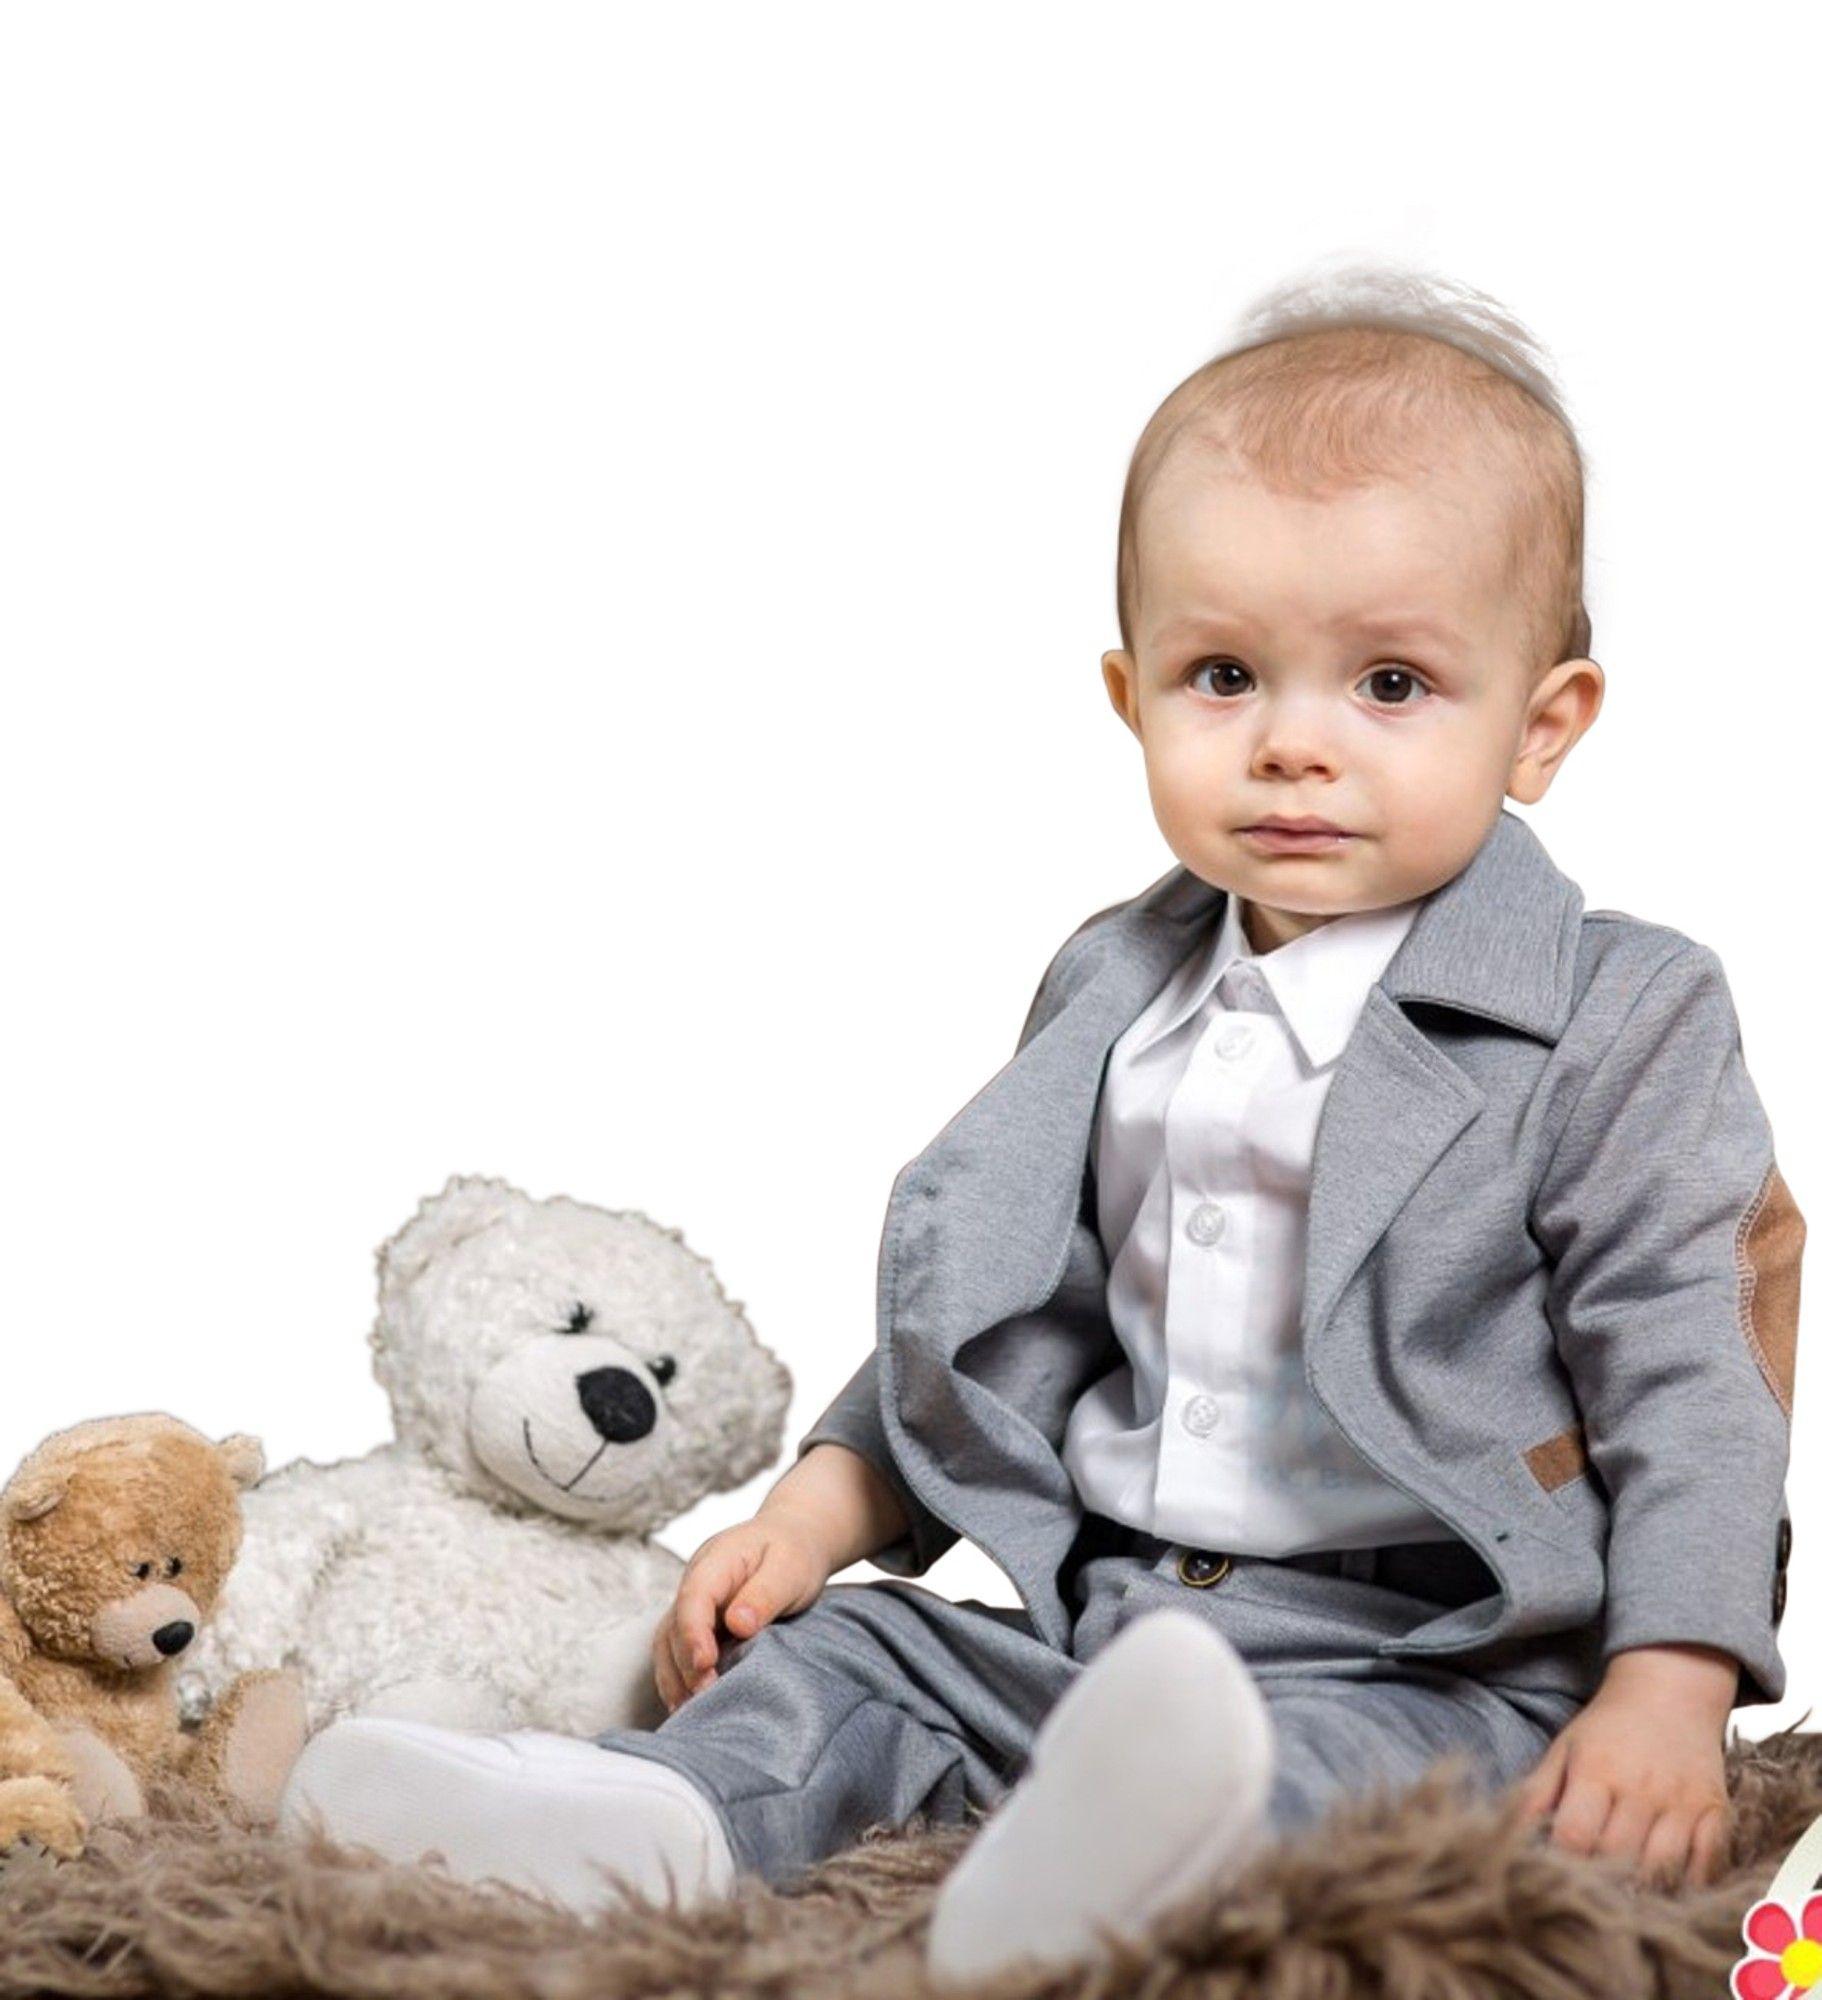 Schicke festliche Kinderkleidung für Jungen und Mädchen online bestellen. Schnelle Lieferung